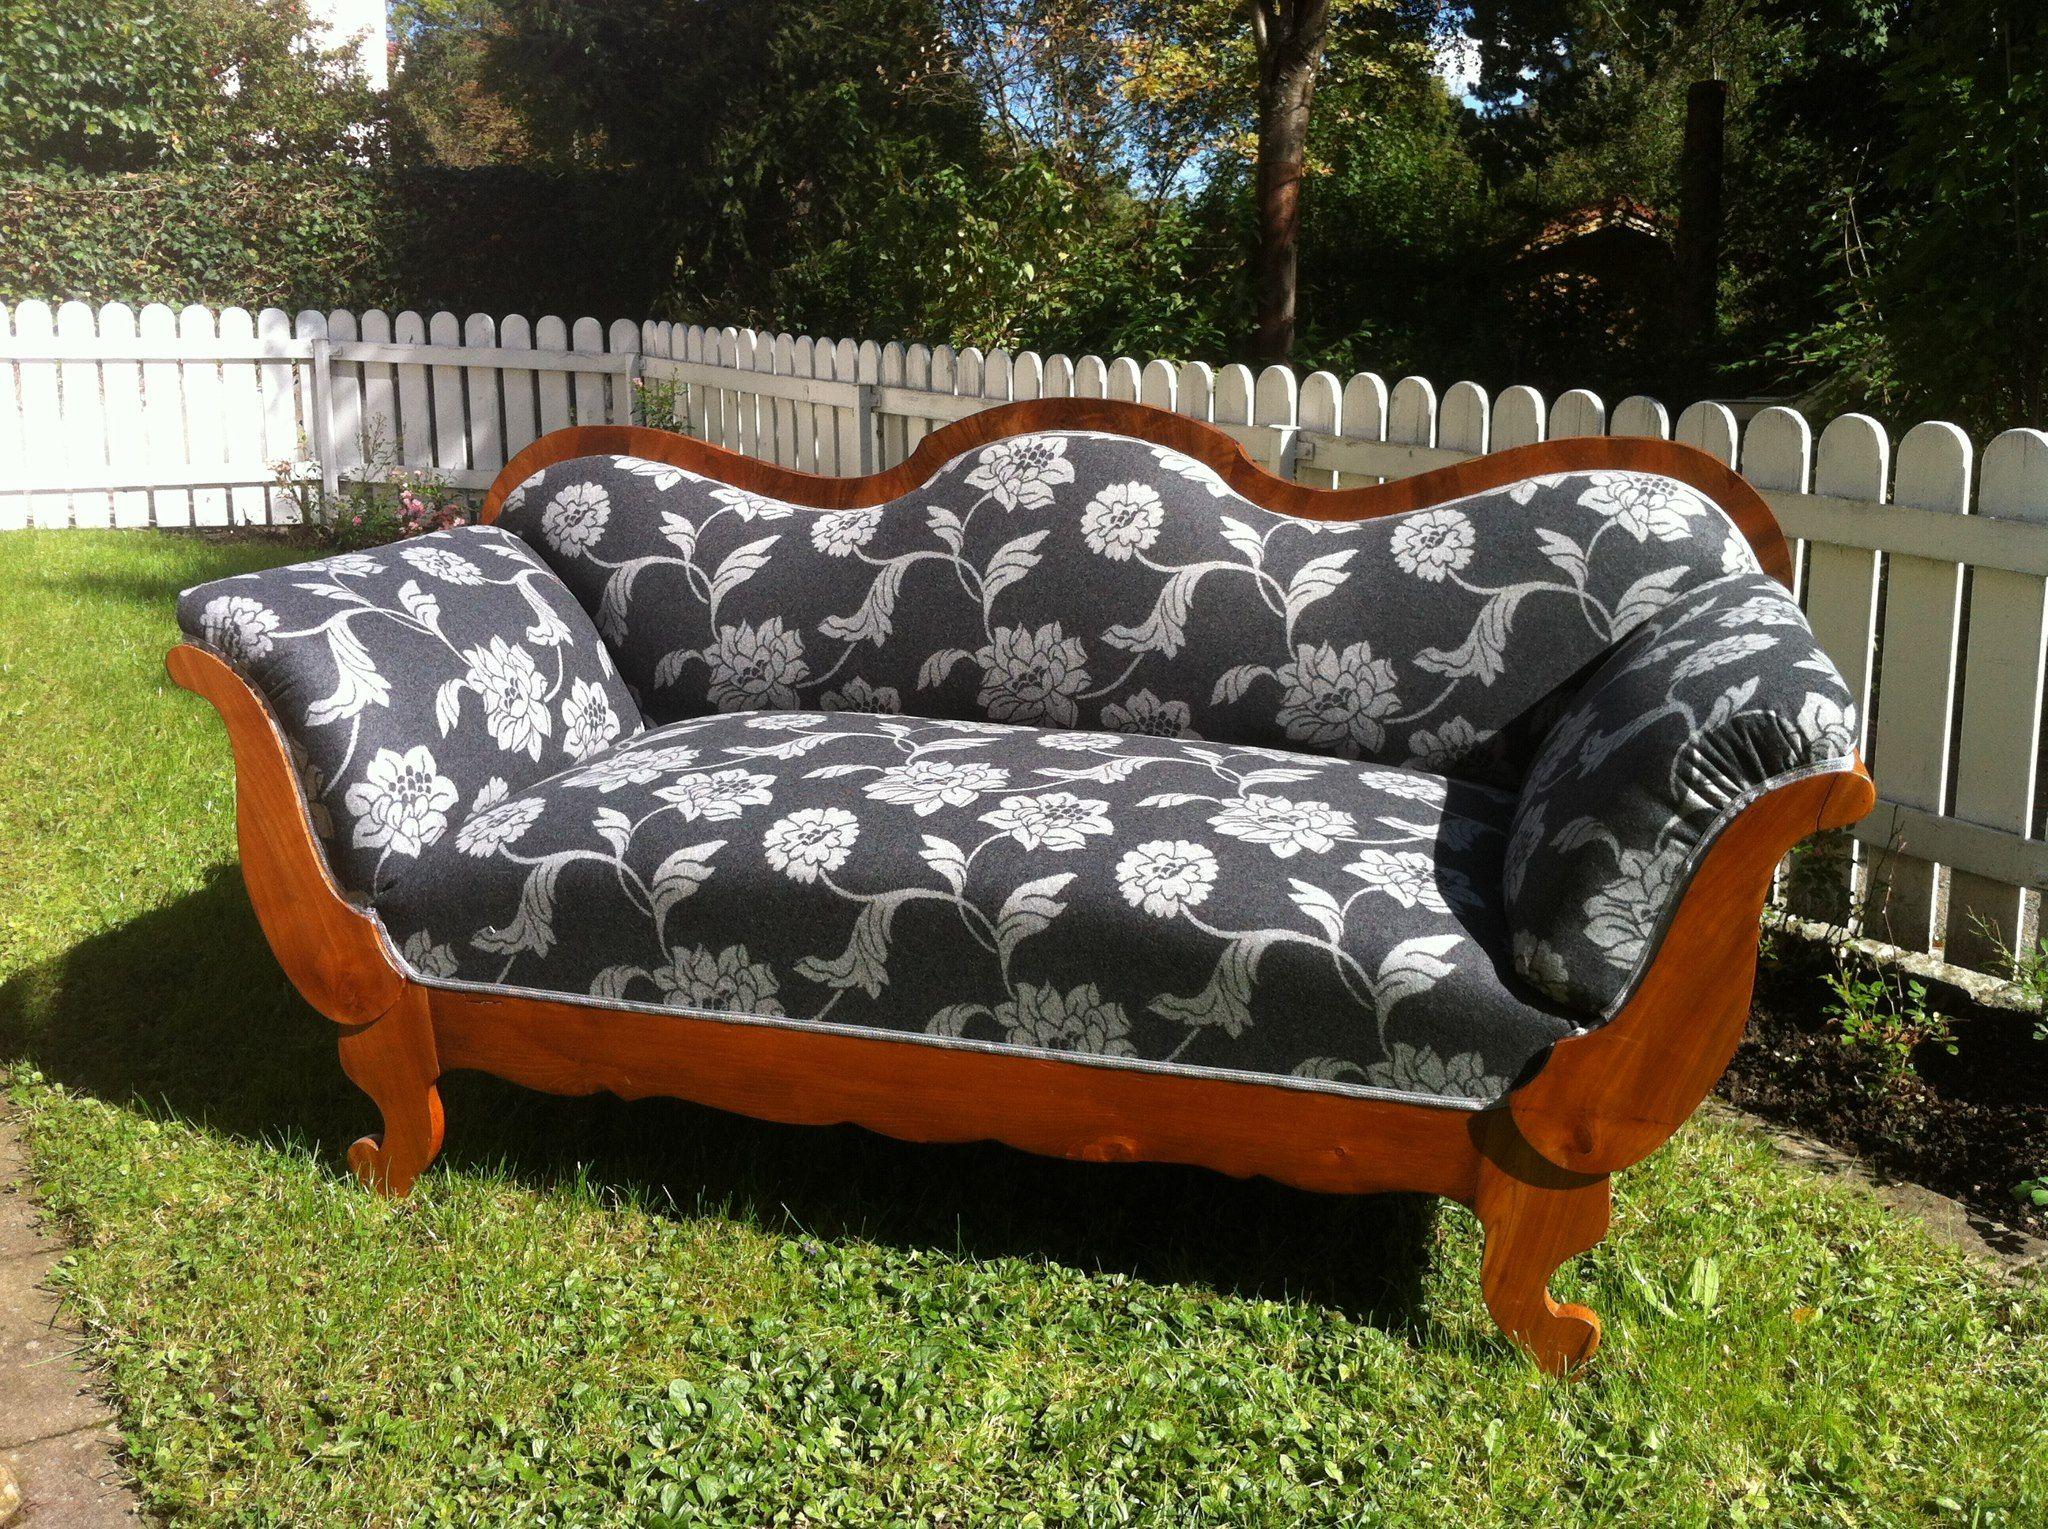 platzsparend ideen seats and sofas online shop, restauriertes #bauernsofa #sofa #antikemoebel | möbel | pinterest, Innenarchitektur